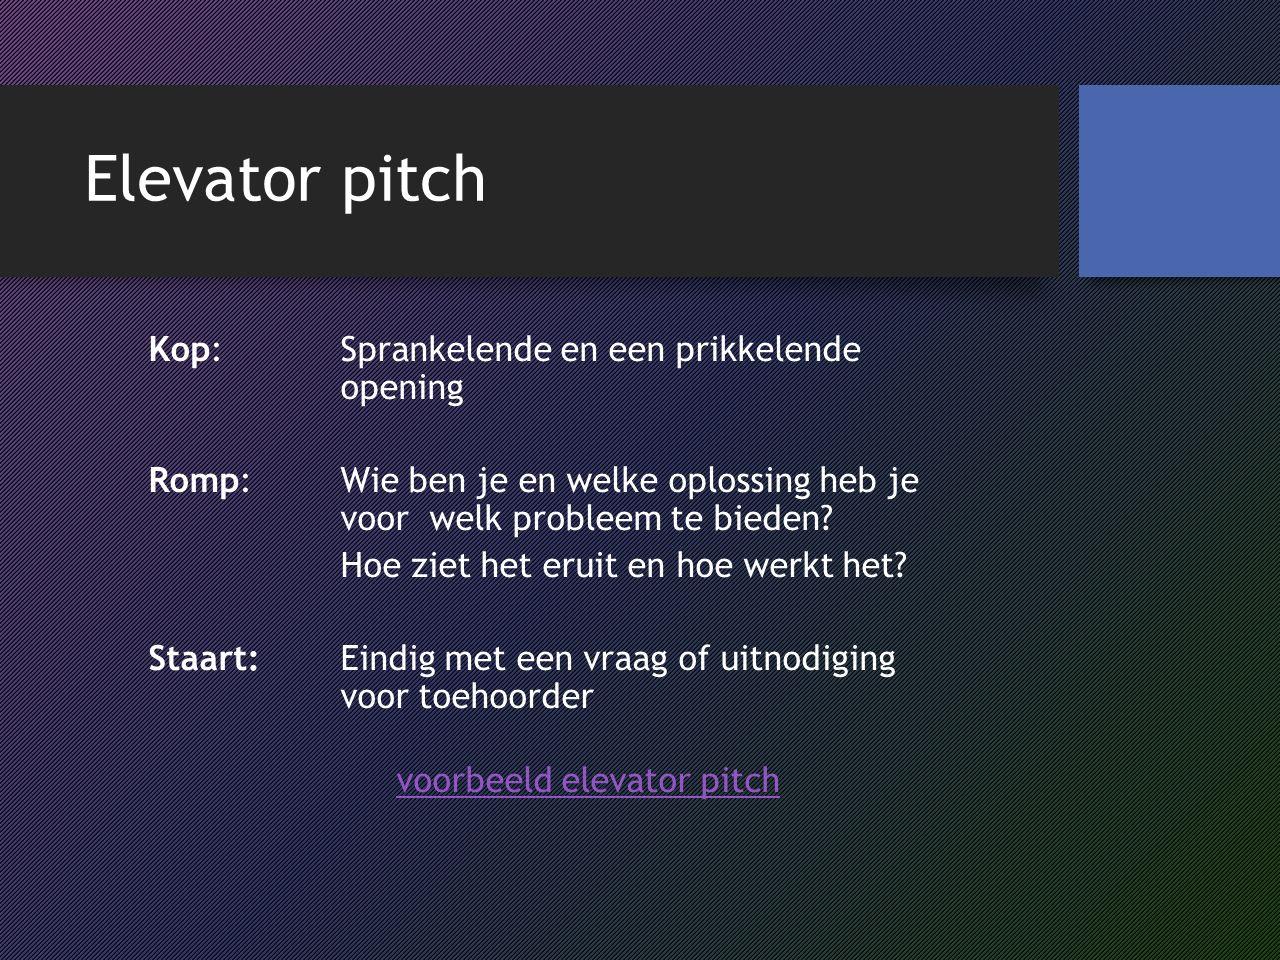 voorbeeld elevator pitch